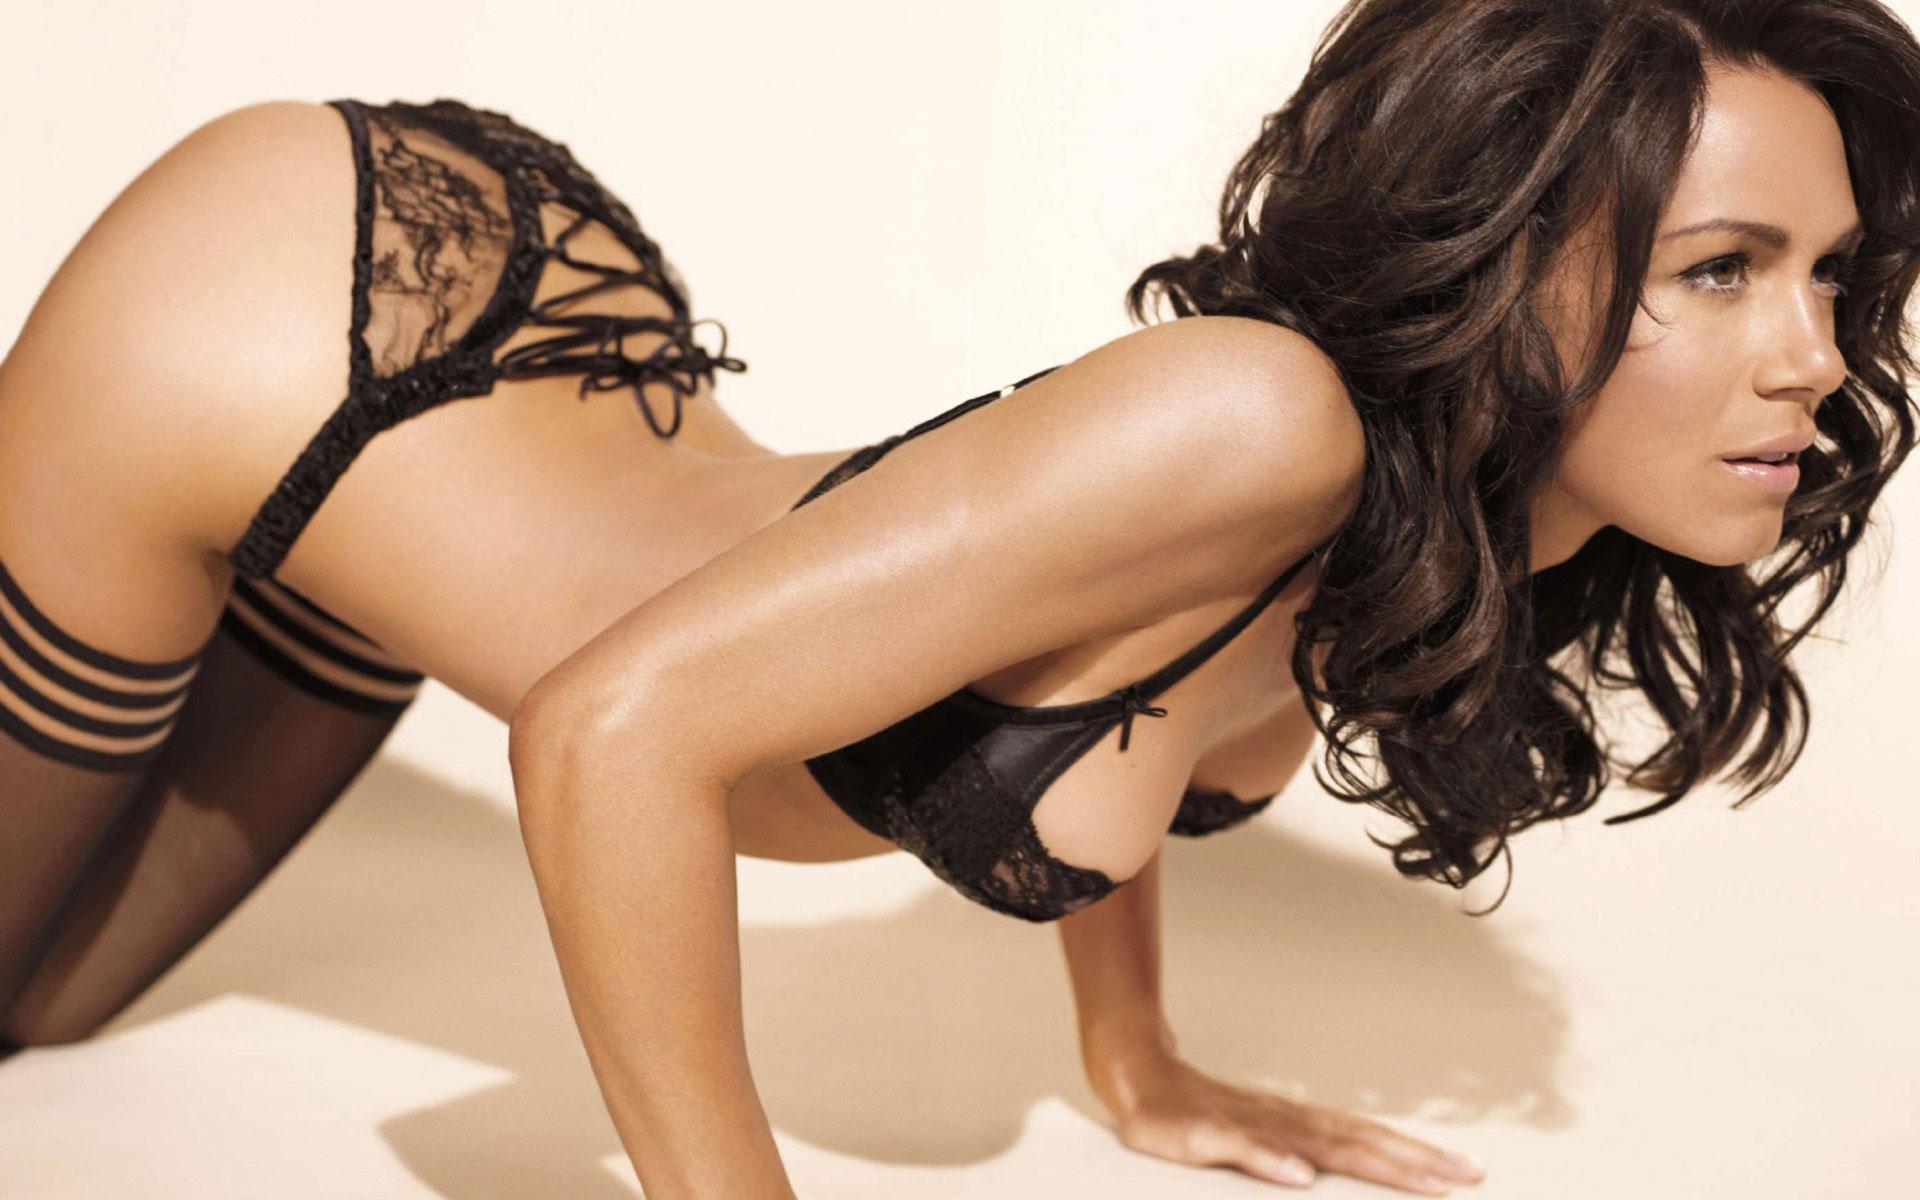 Rachelle Leah Hot Hd Widescreen Wallpapers